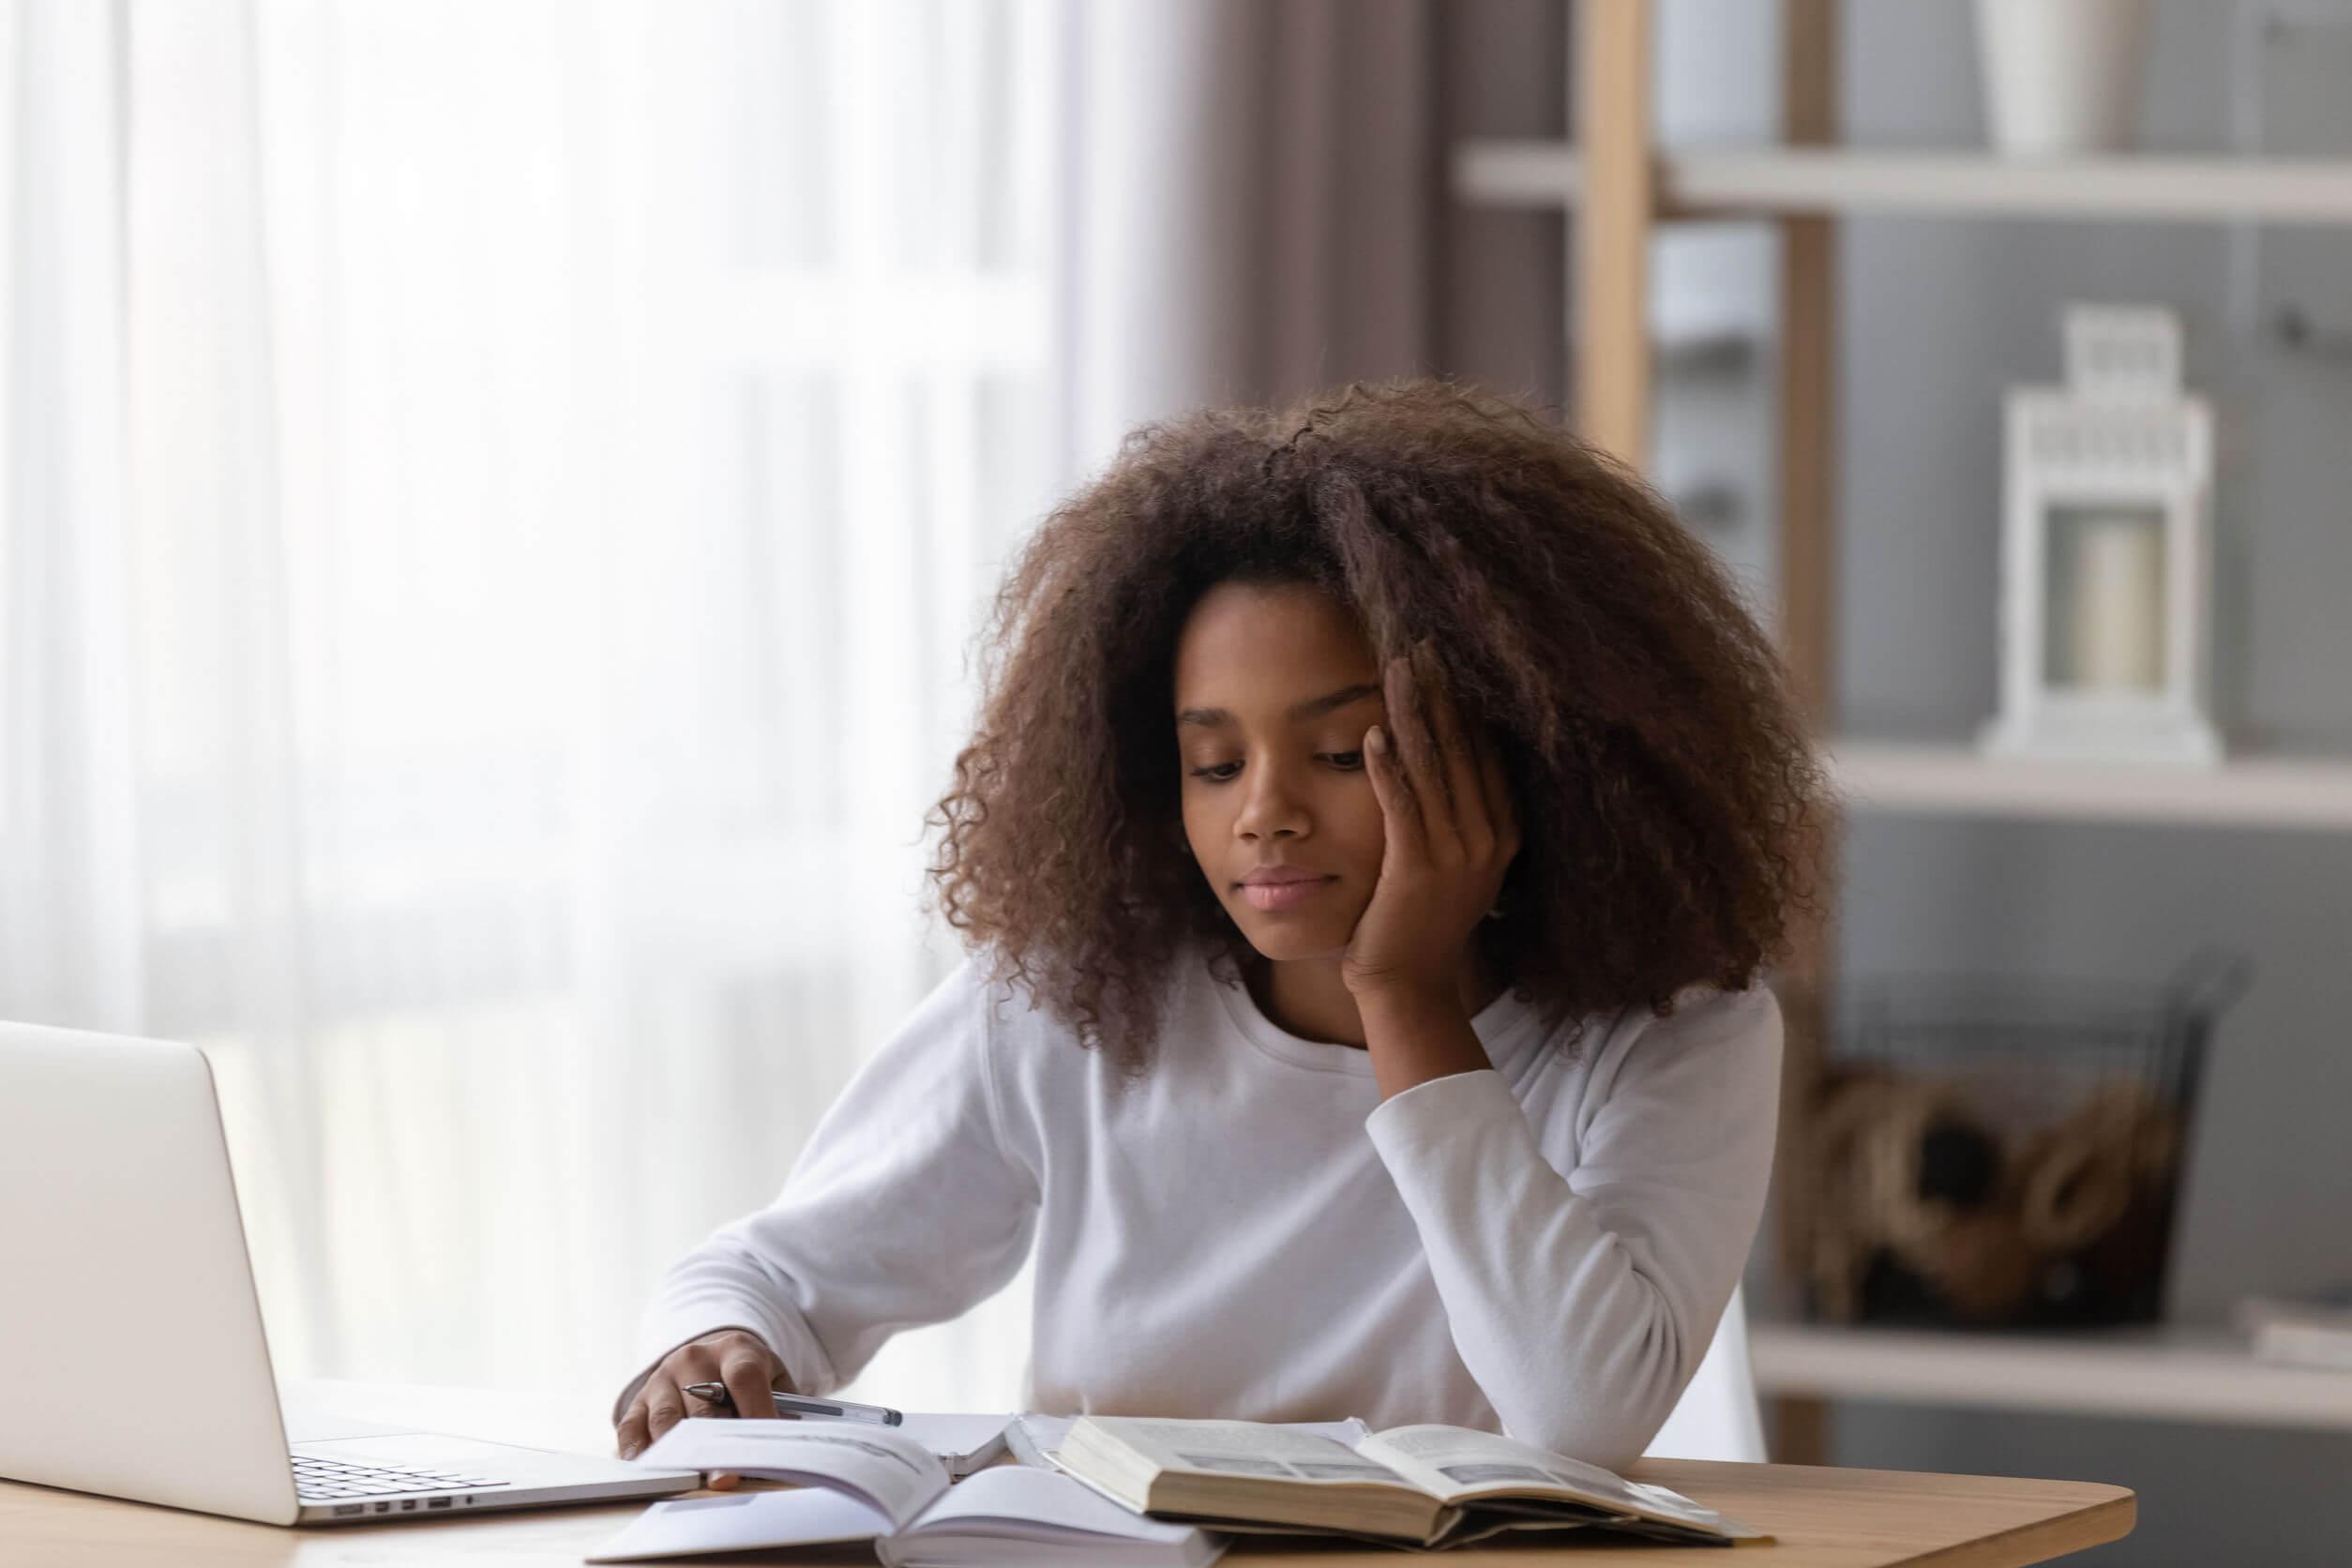 Une adolescente qui étudie.